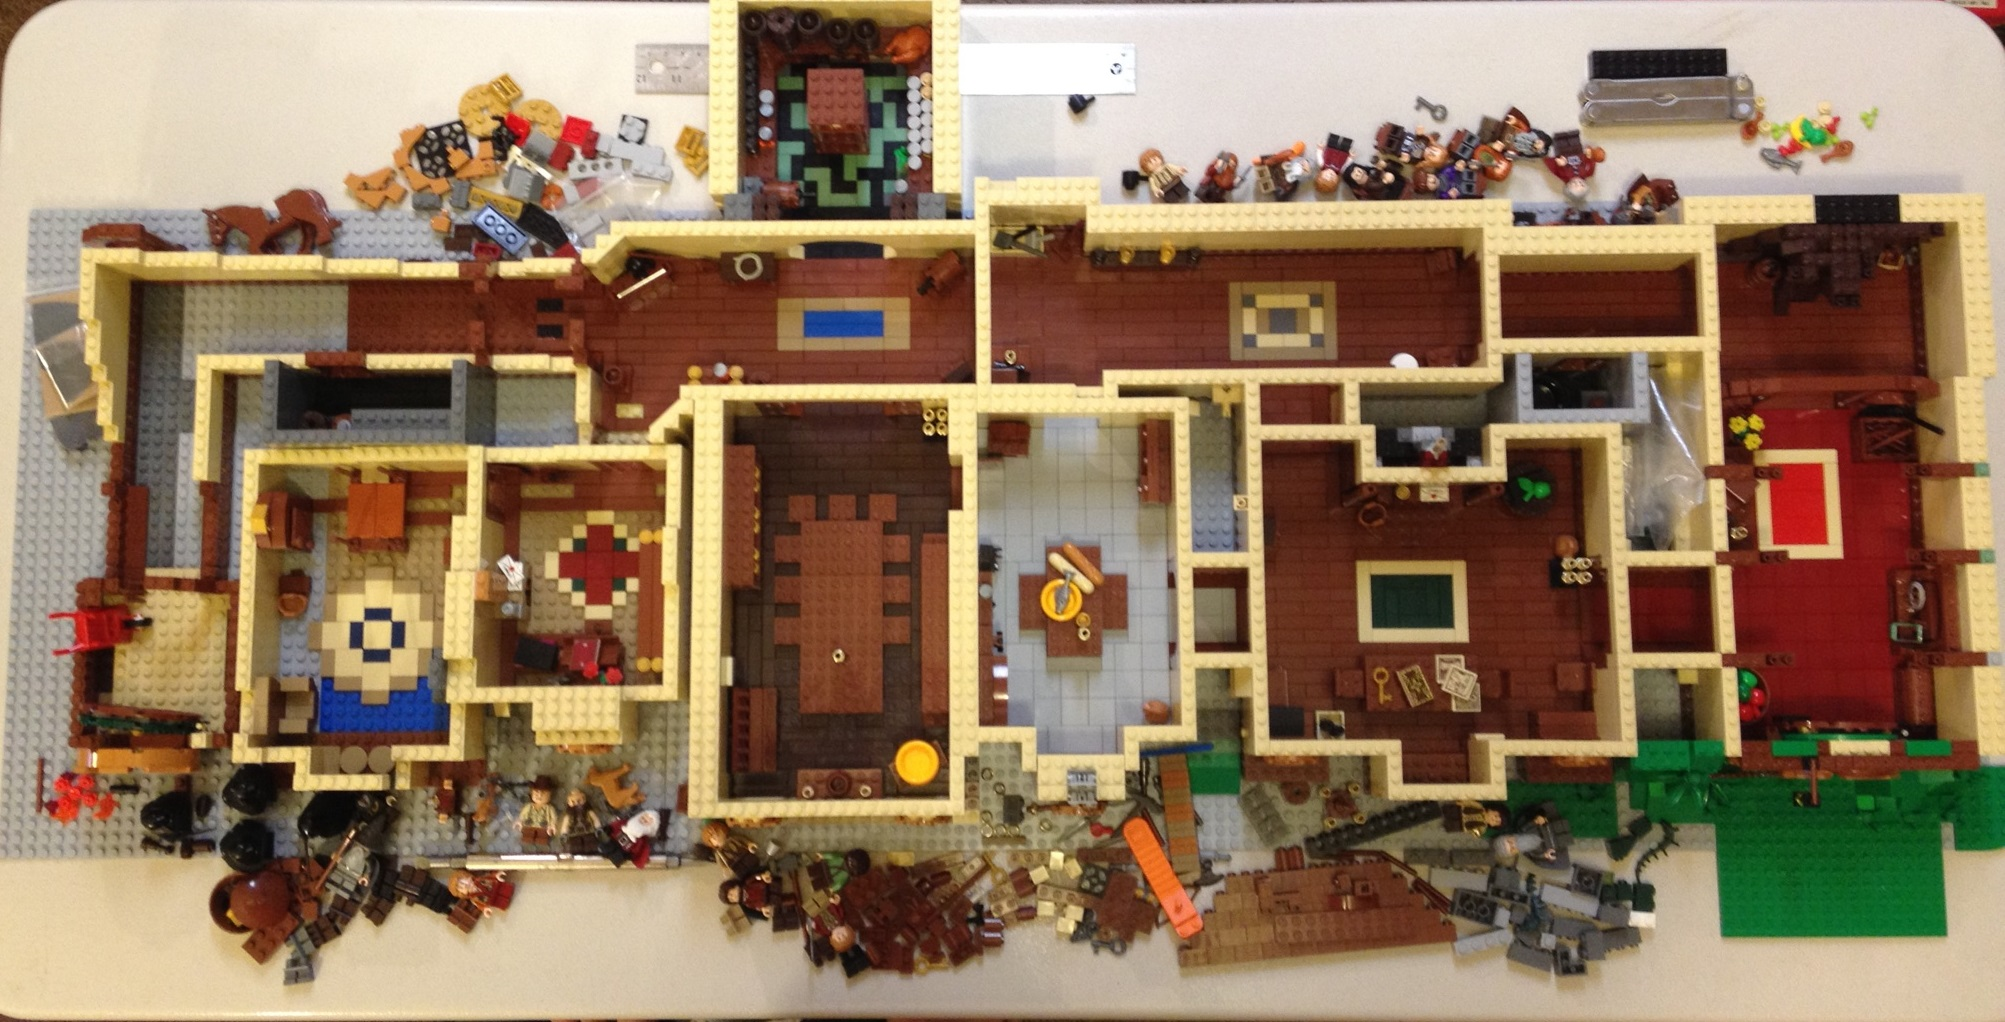 Lego house floor plans House and home design – Lego House Floor Plan